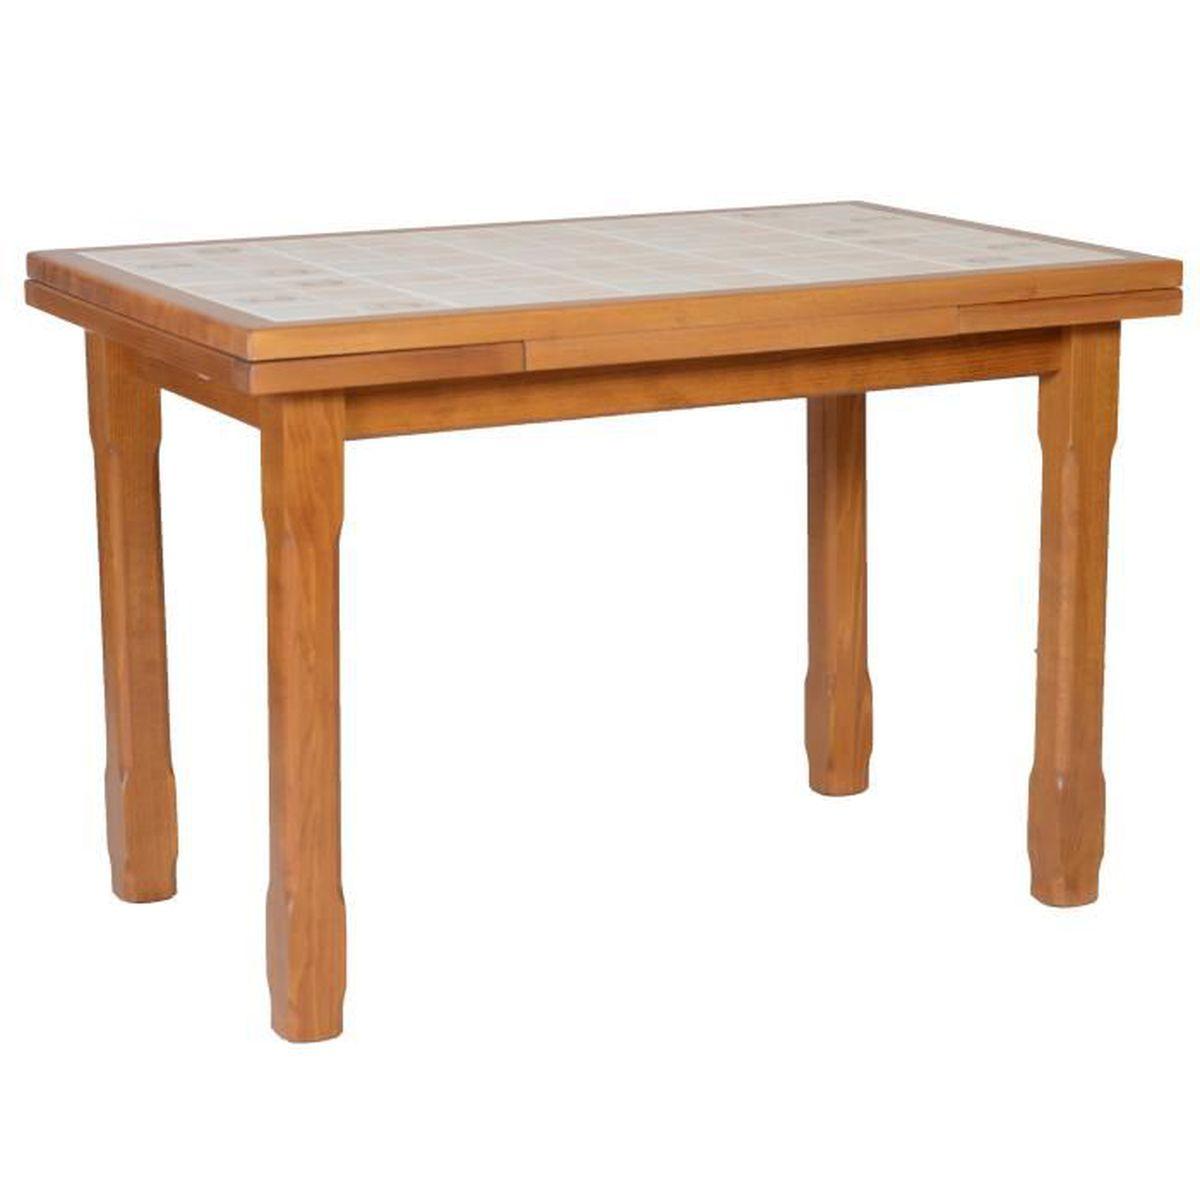 Table Salle A Manger Carré Avec Rallonge table cuisine carrelée 110 x 70 + 2 allonges - achat / vente